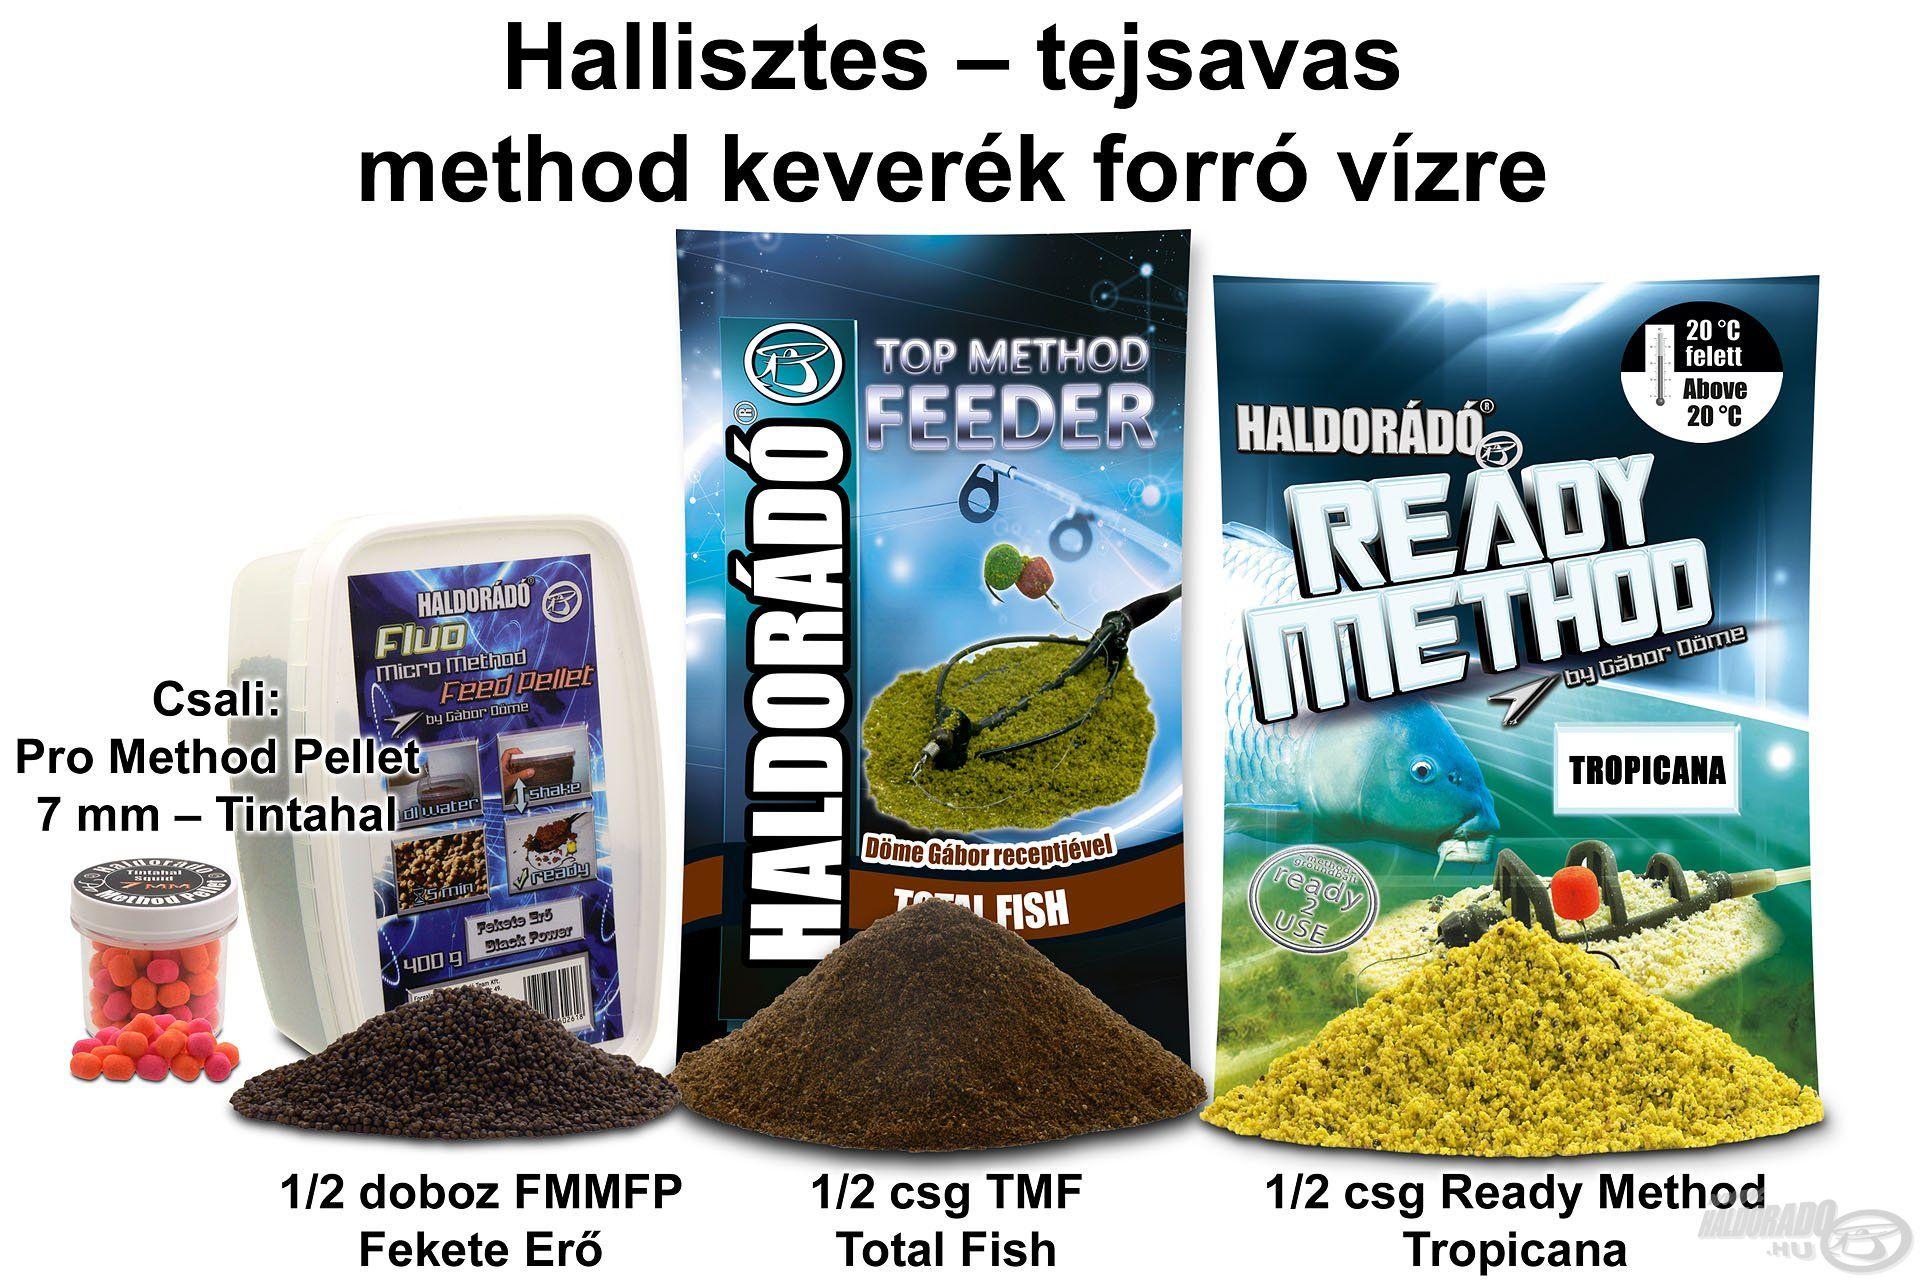 Hallisztes – tejsavas method keverék forró vízre